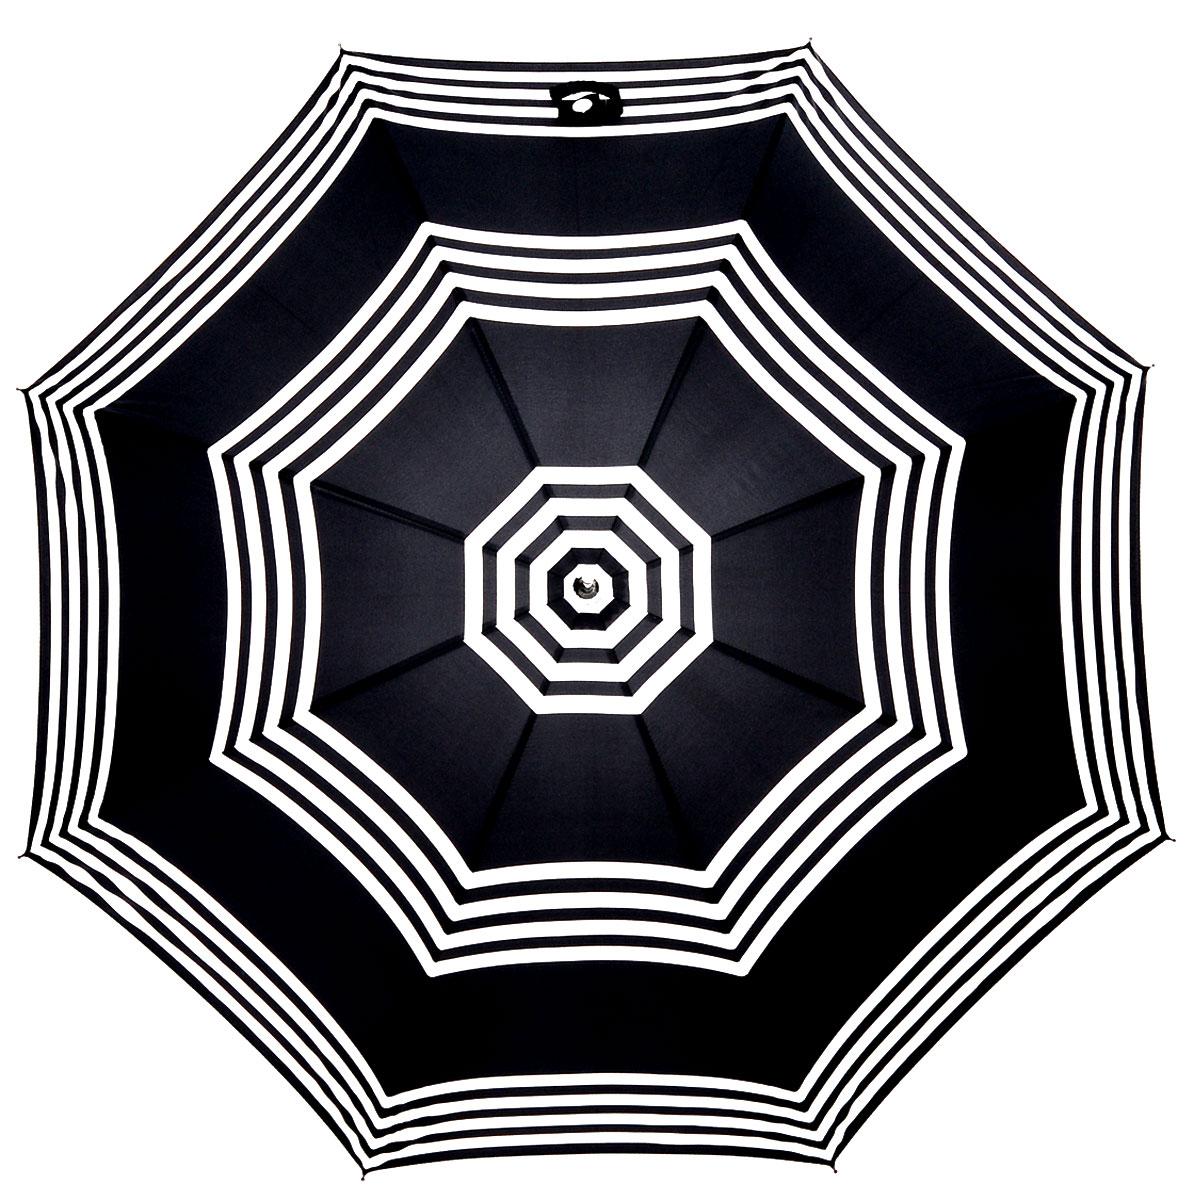 Зонт-трость женский Lulu Guinness Eliza, механический, цвет: черный, белый. L720-2784П250071001-22Модный механический зонт-трость Lulu Guinness Eliza даже в ненастную погоду позволит вам оставаться стильной и элегантной. Каркас зонта включает 8 спиц из фибергласса. Стержень изготовлен из стали. Купол зонта выполнен из прочного полиэстера и оформлен принтом в виде полосок. Изделие дополнено удобной рукояткой из пластика с металлическим элементом.Зонт механического сложения: купол открывается и закрывается вручную до характерного щелчка. Модель застегивается с помощью хлястика на кнопку.Такой зонт не только надежно защитит вас от дождя, но и станет стильным аксессуаром, который идеально подчеркнет ваш неповторимый образ.